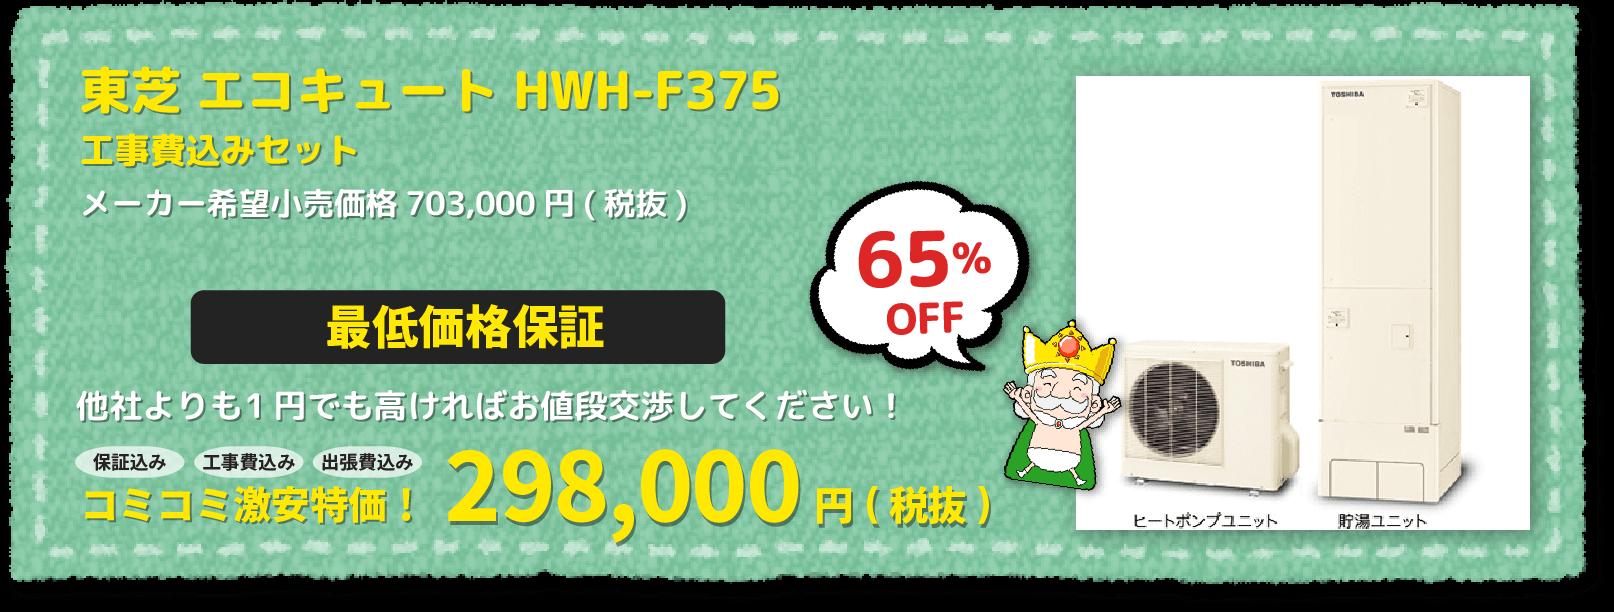 HWH-F375